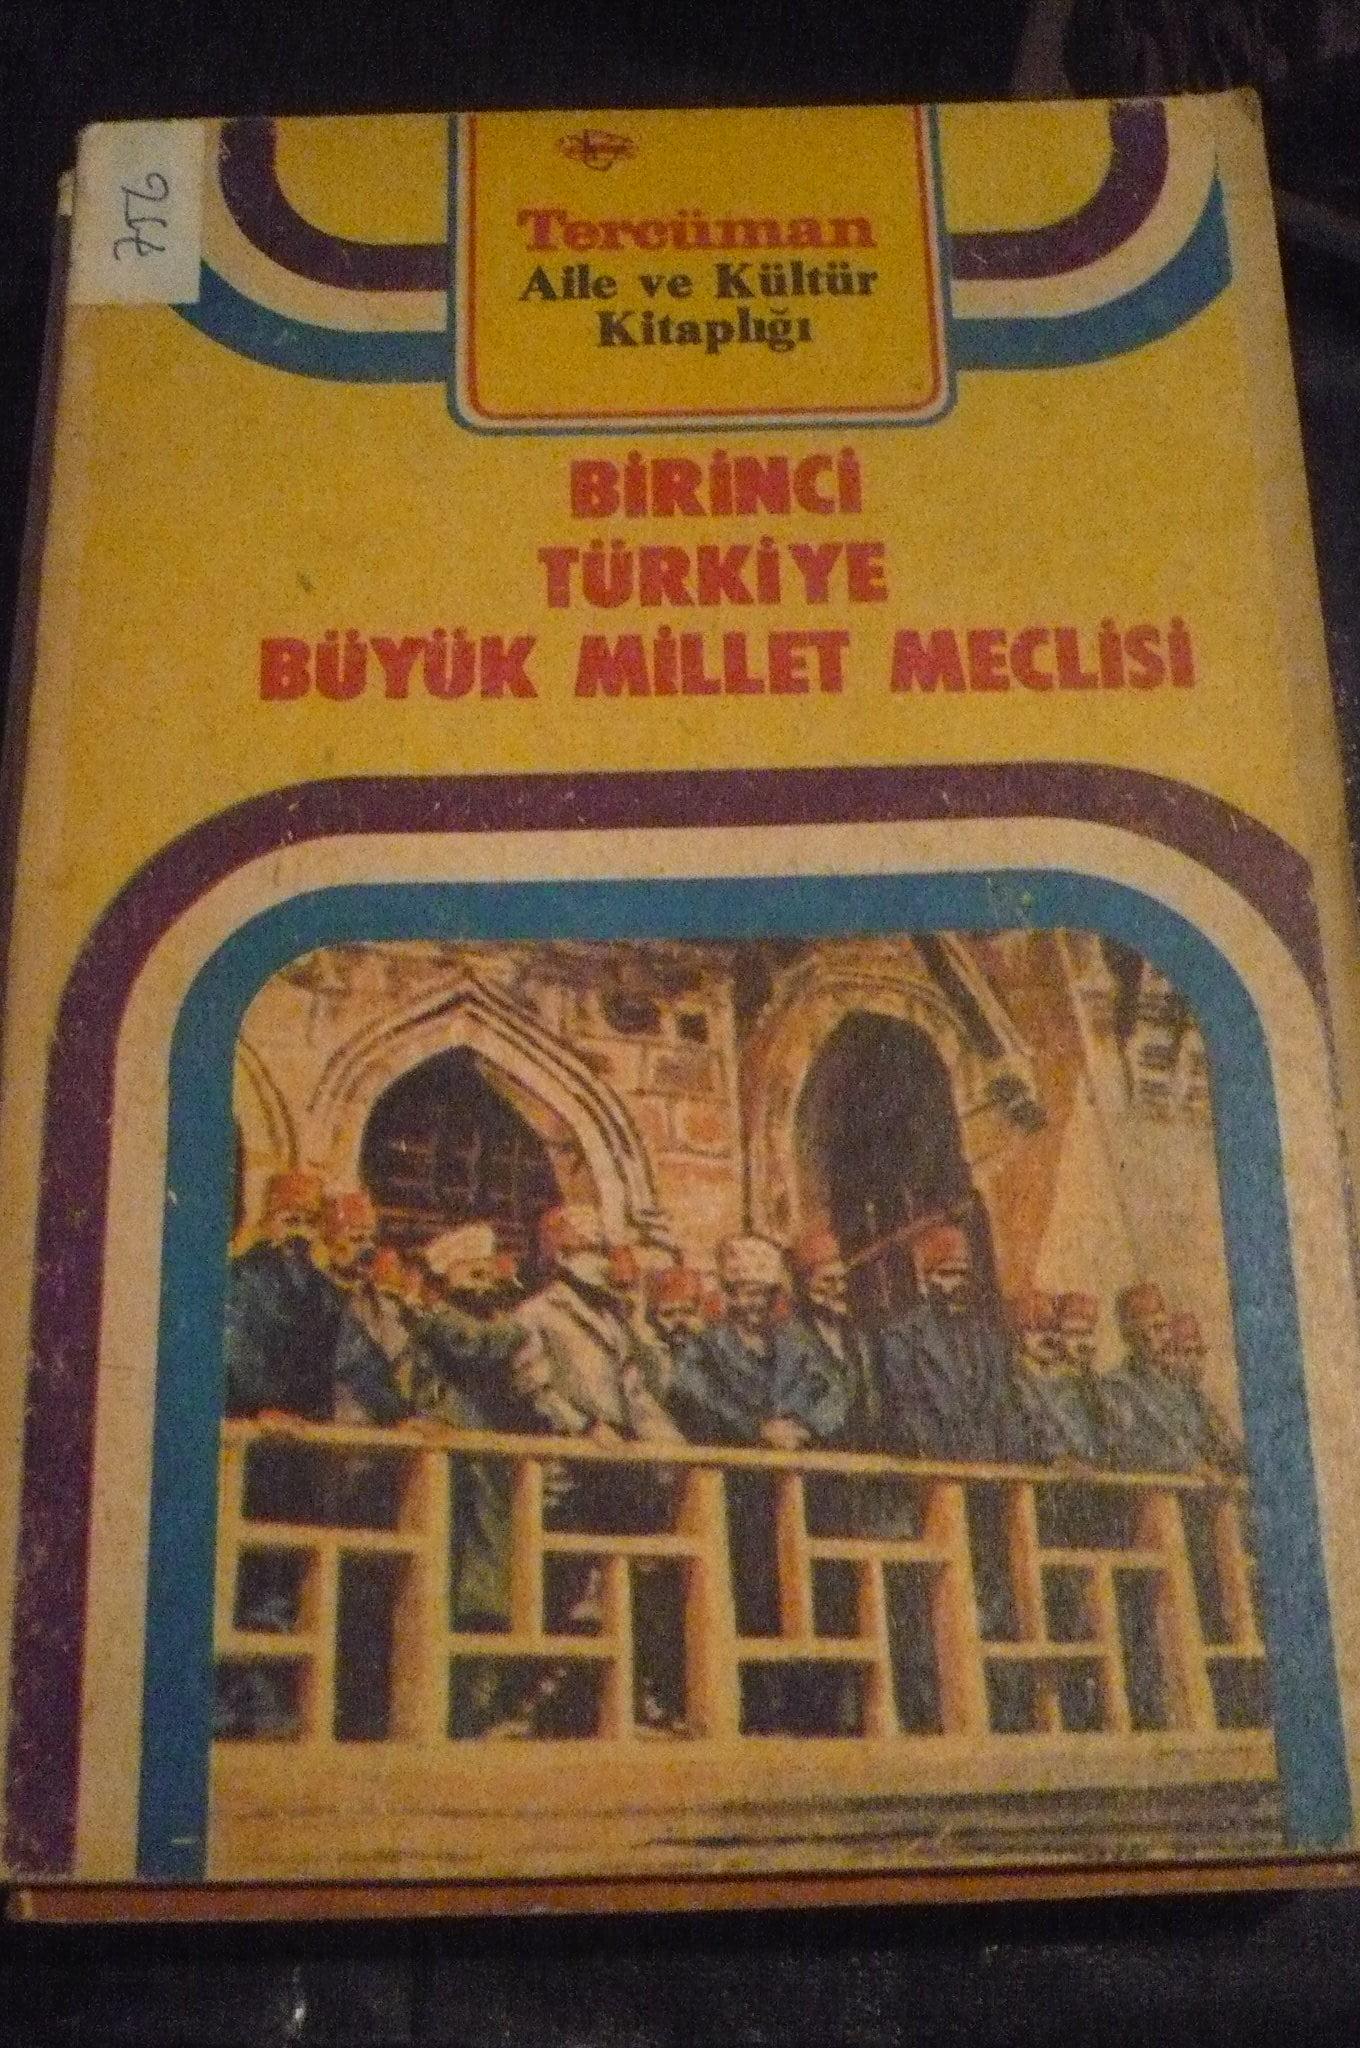 BİRİNCİ TÜRKİYE BÜYÜK MİLLET MECLİSİ(Tercüman gazt)/5 tl